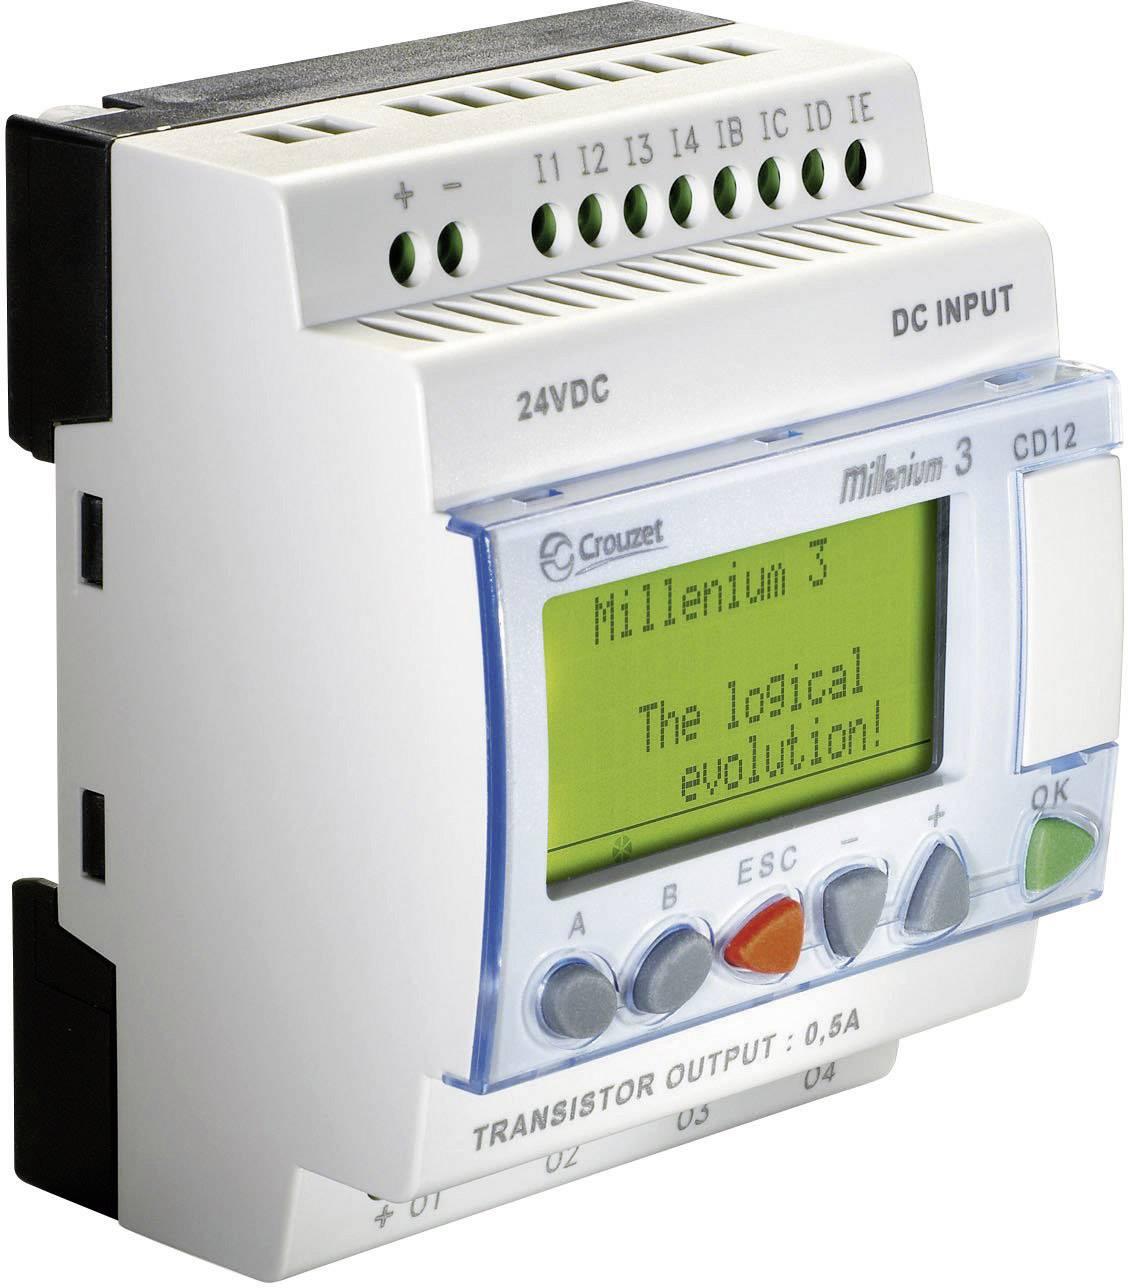 Riadiacimodul Crouzet Millenium 3 CD12 88970041, 24 V/DC